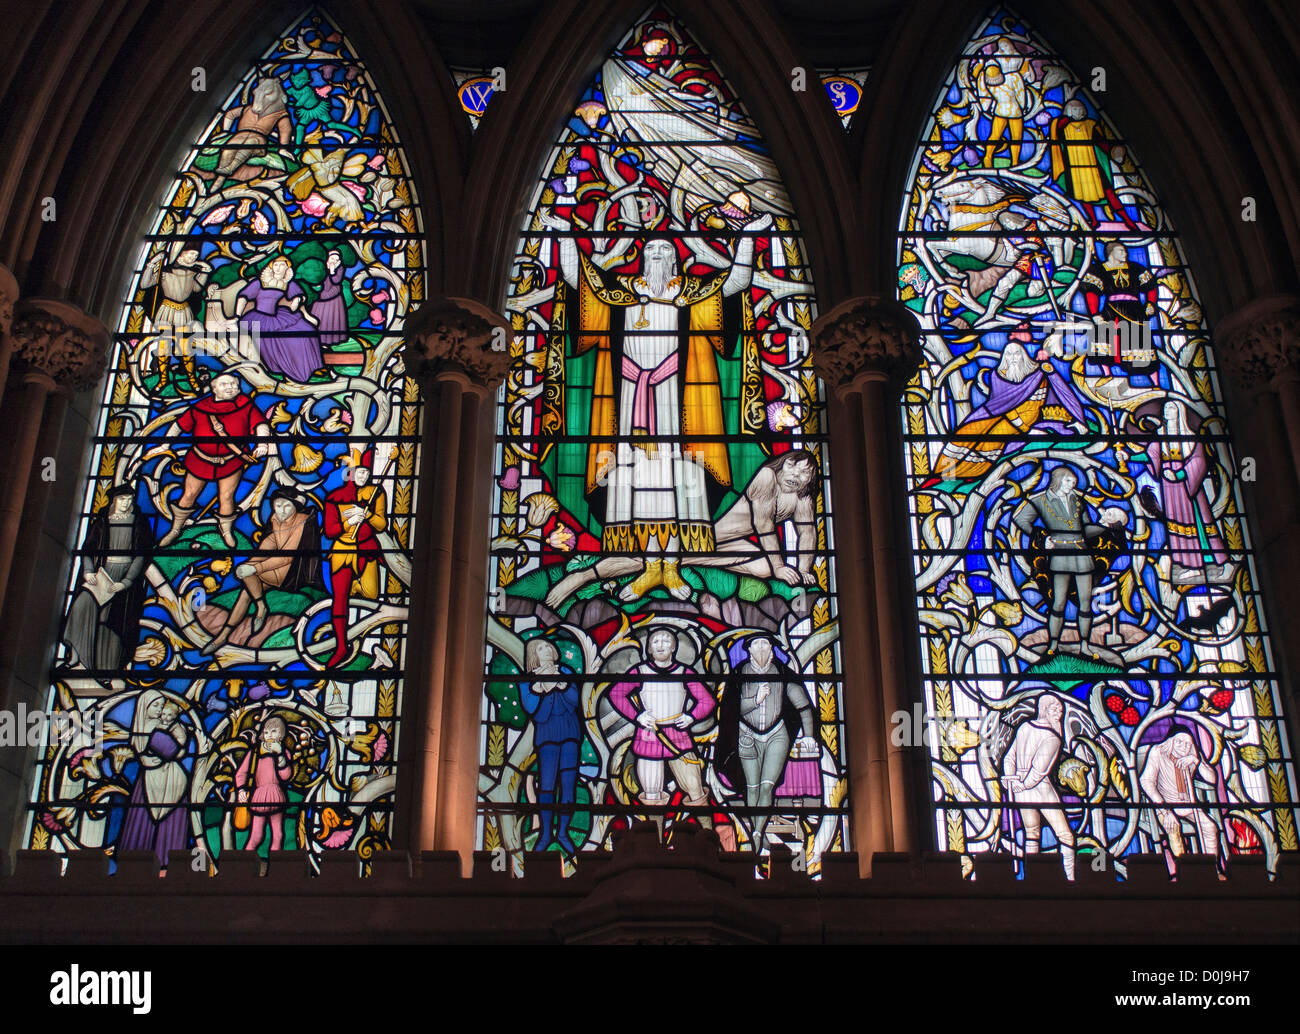 Eines der Glasfenster in Southwark Kathedrale Darstellung ein Shakespeare-Stück. Stockfoto